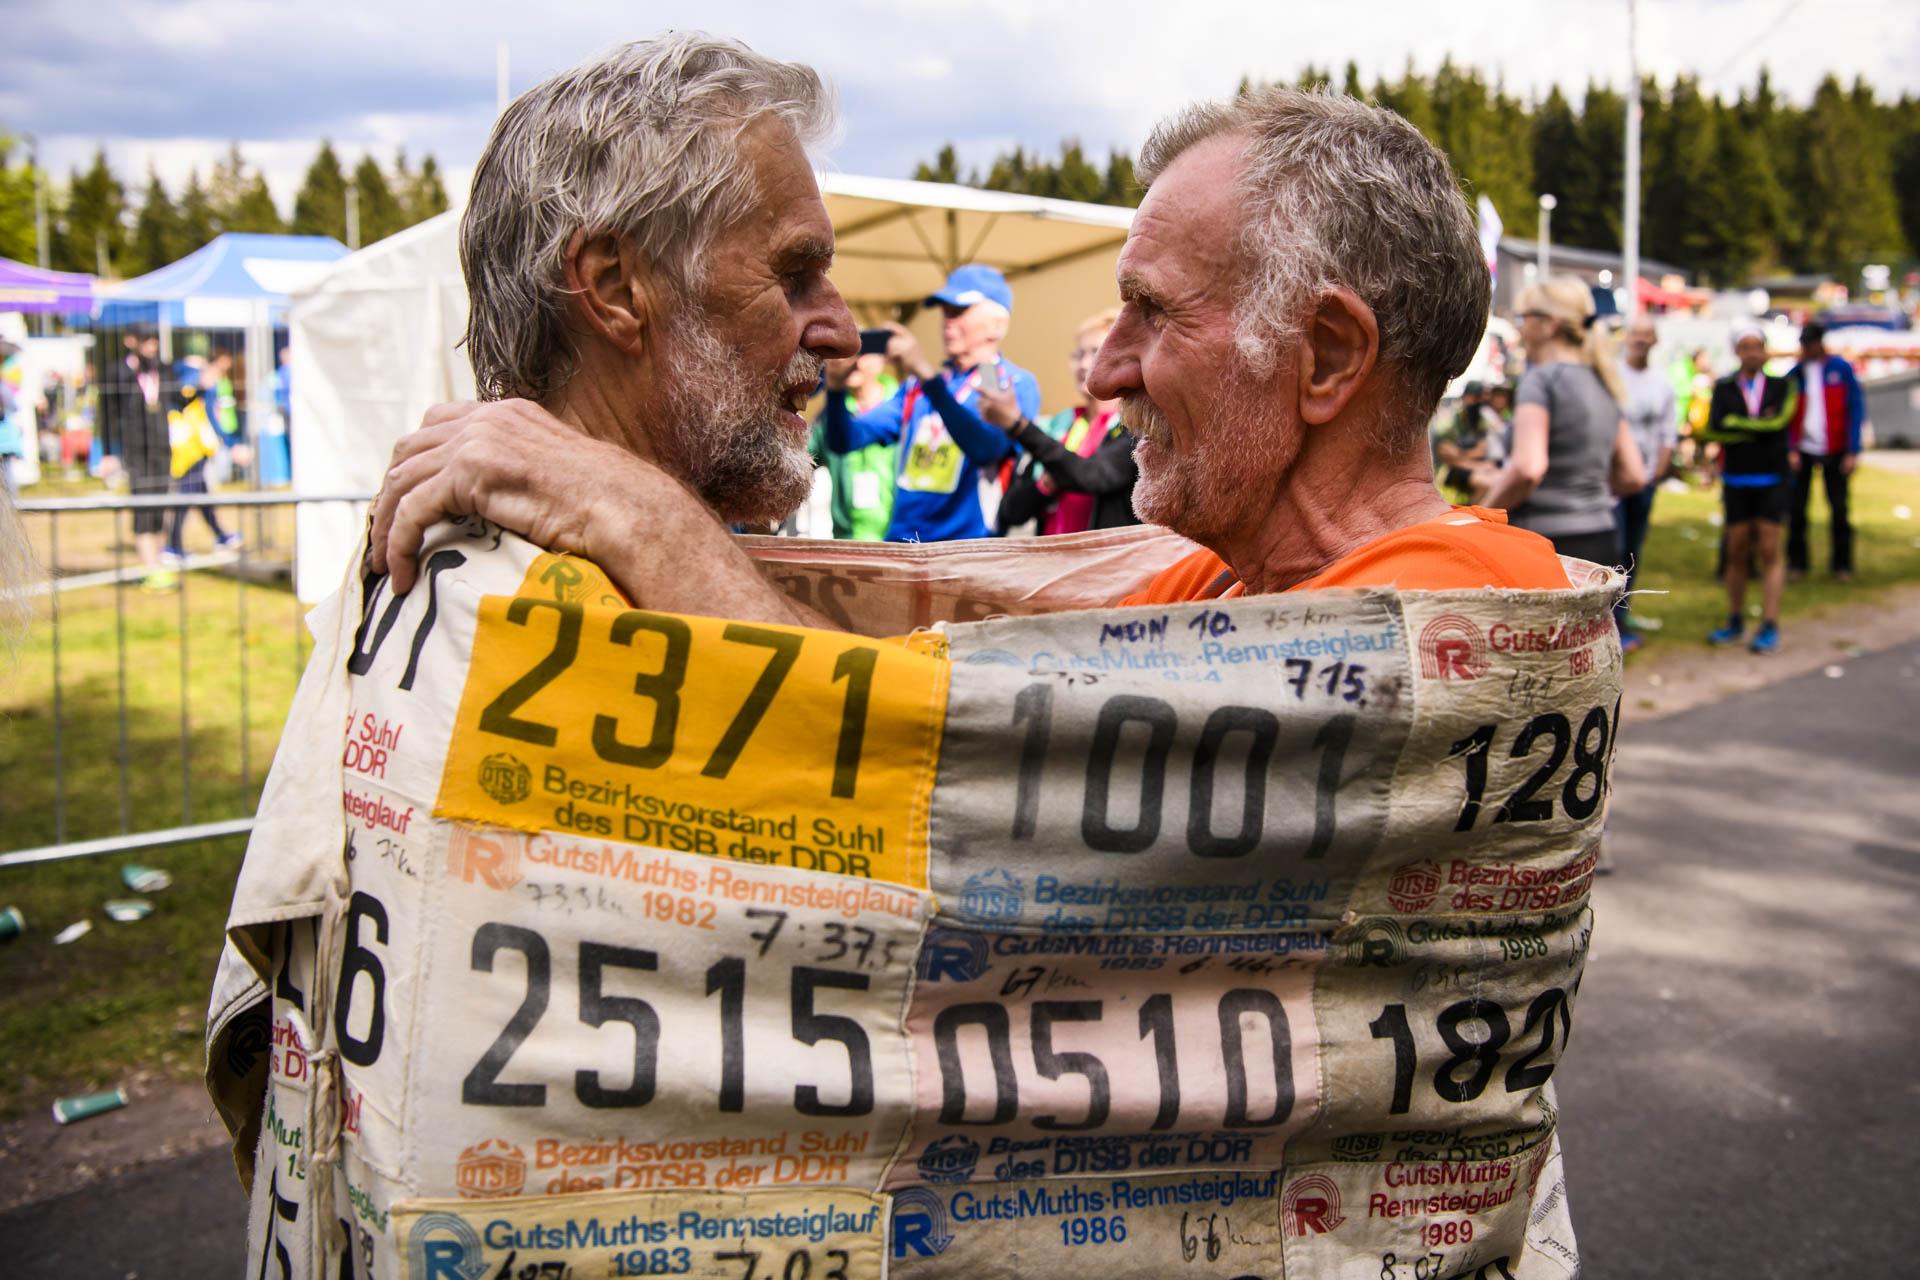 47. GutsMuths Rennsteiglauf. Finisher-Bild mit zwei Herren.